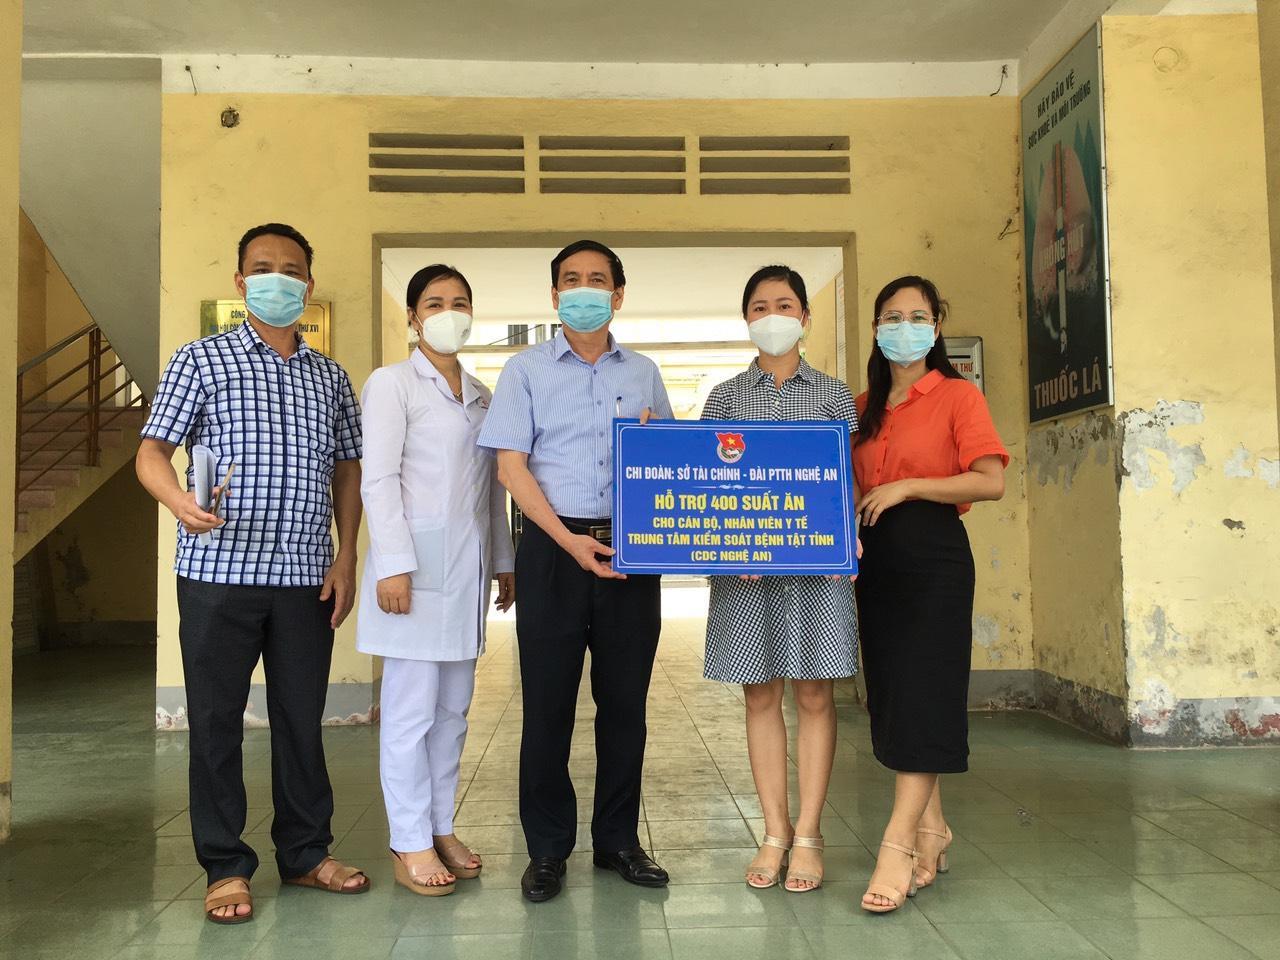 Đại diện 2 Chi đoàn: Sở Tài chính và Đài PT-TH Nghệ An trao 400 suất cơm đến cán bộ, nhân viên y tế CDC Nghệ An.